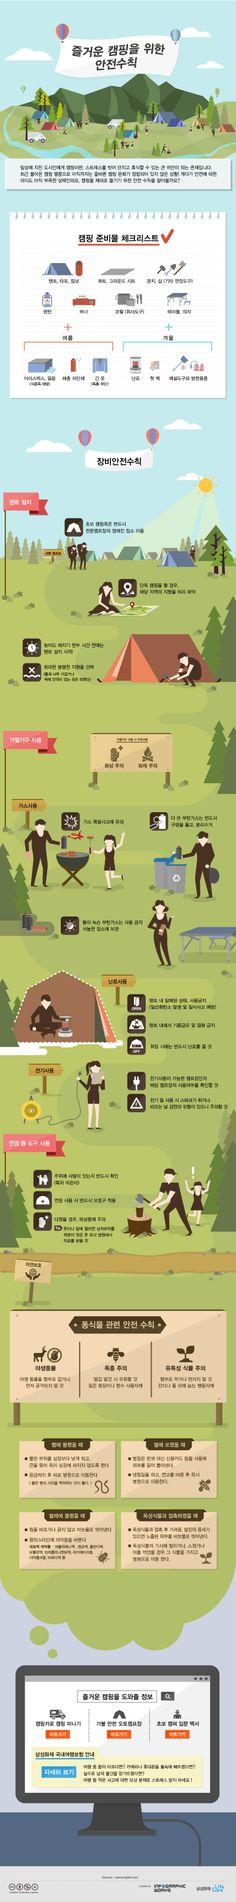 즐거운 캠핑을 위한 안전 수칙 (인포그래픽웍스)